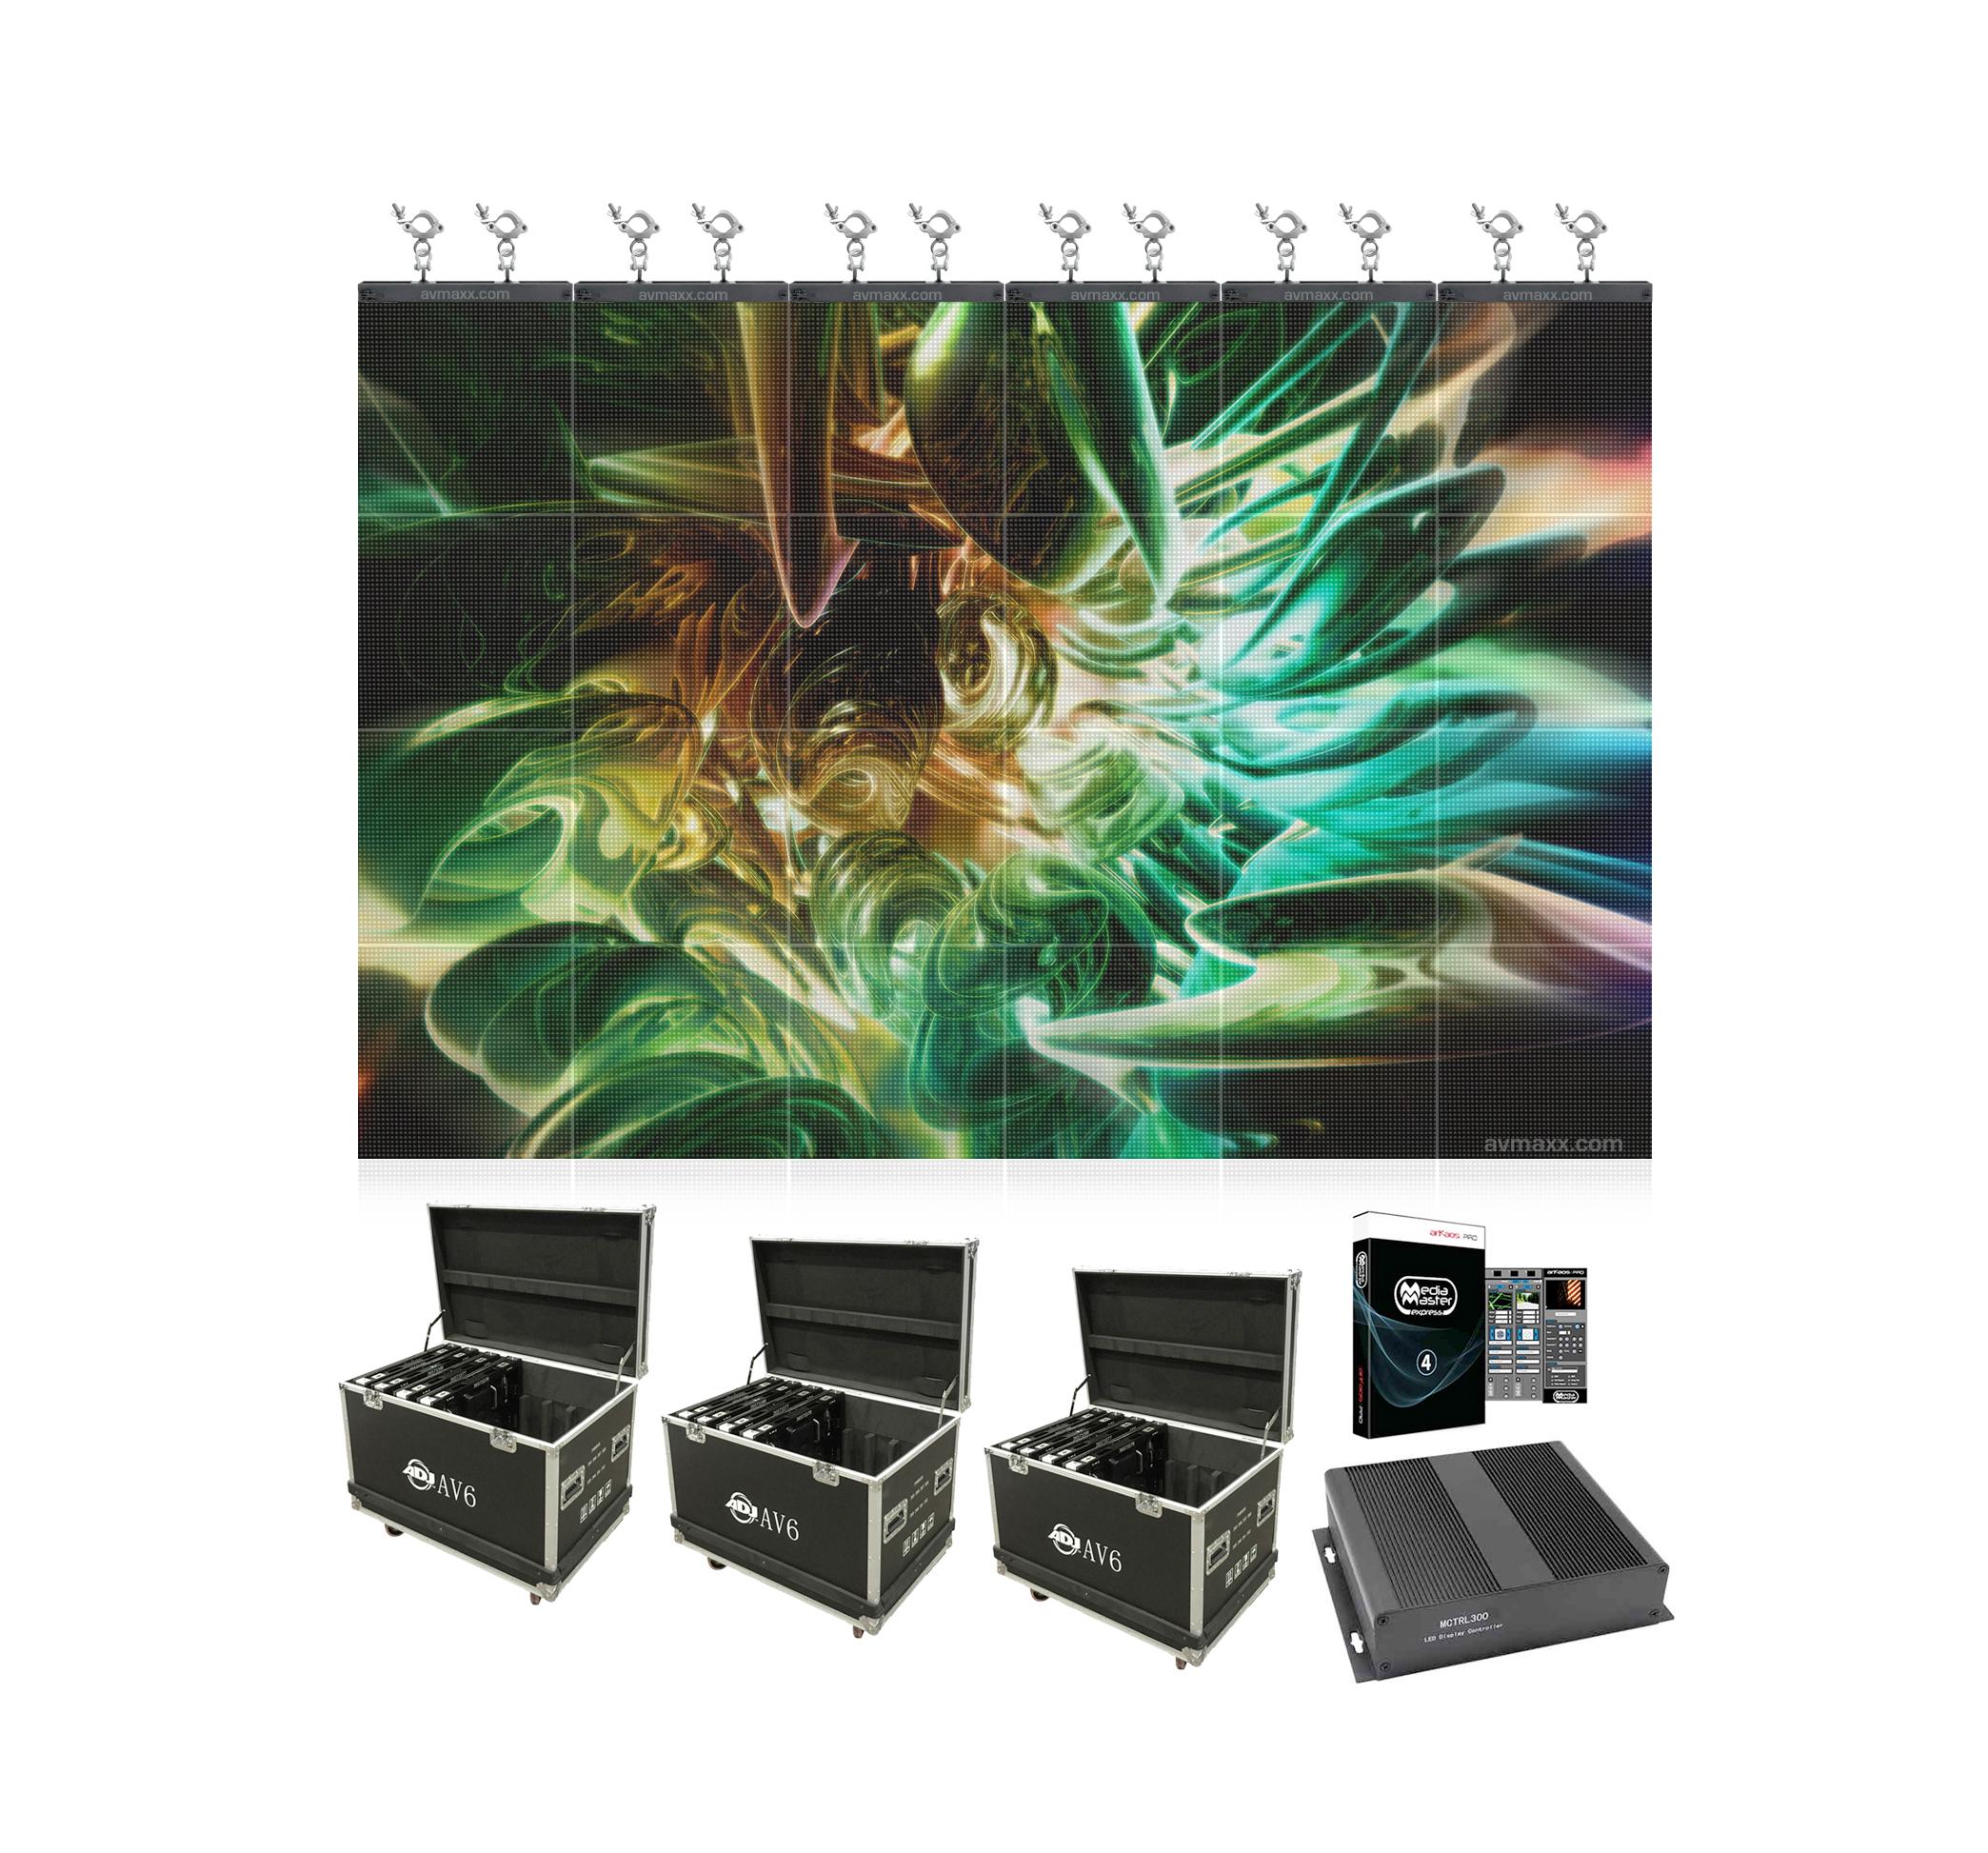 ADJ AV6 24 Panel Pack 6mm Pixel Pitch LED Wall Panel Sale